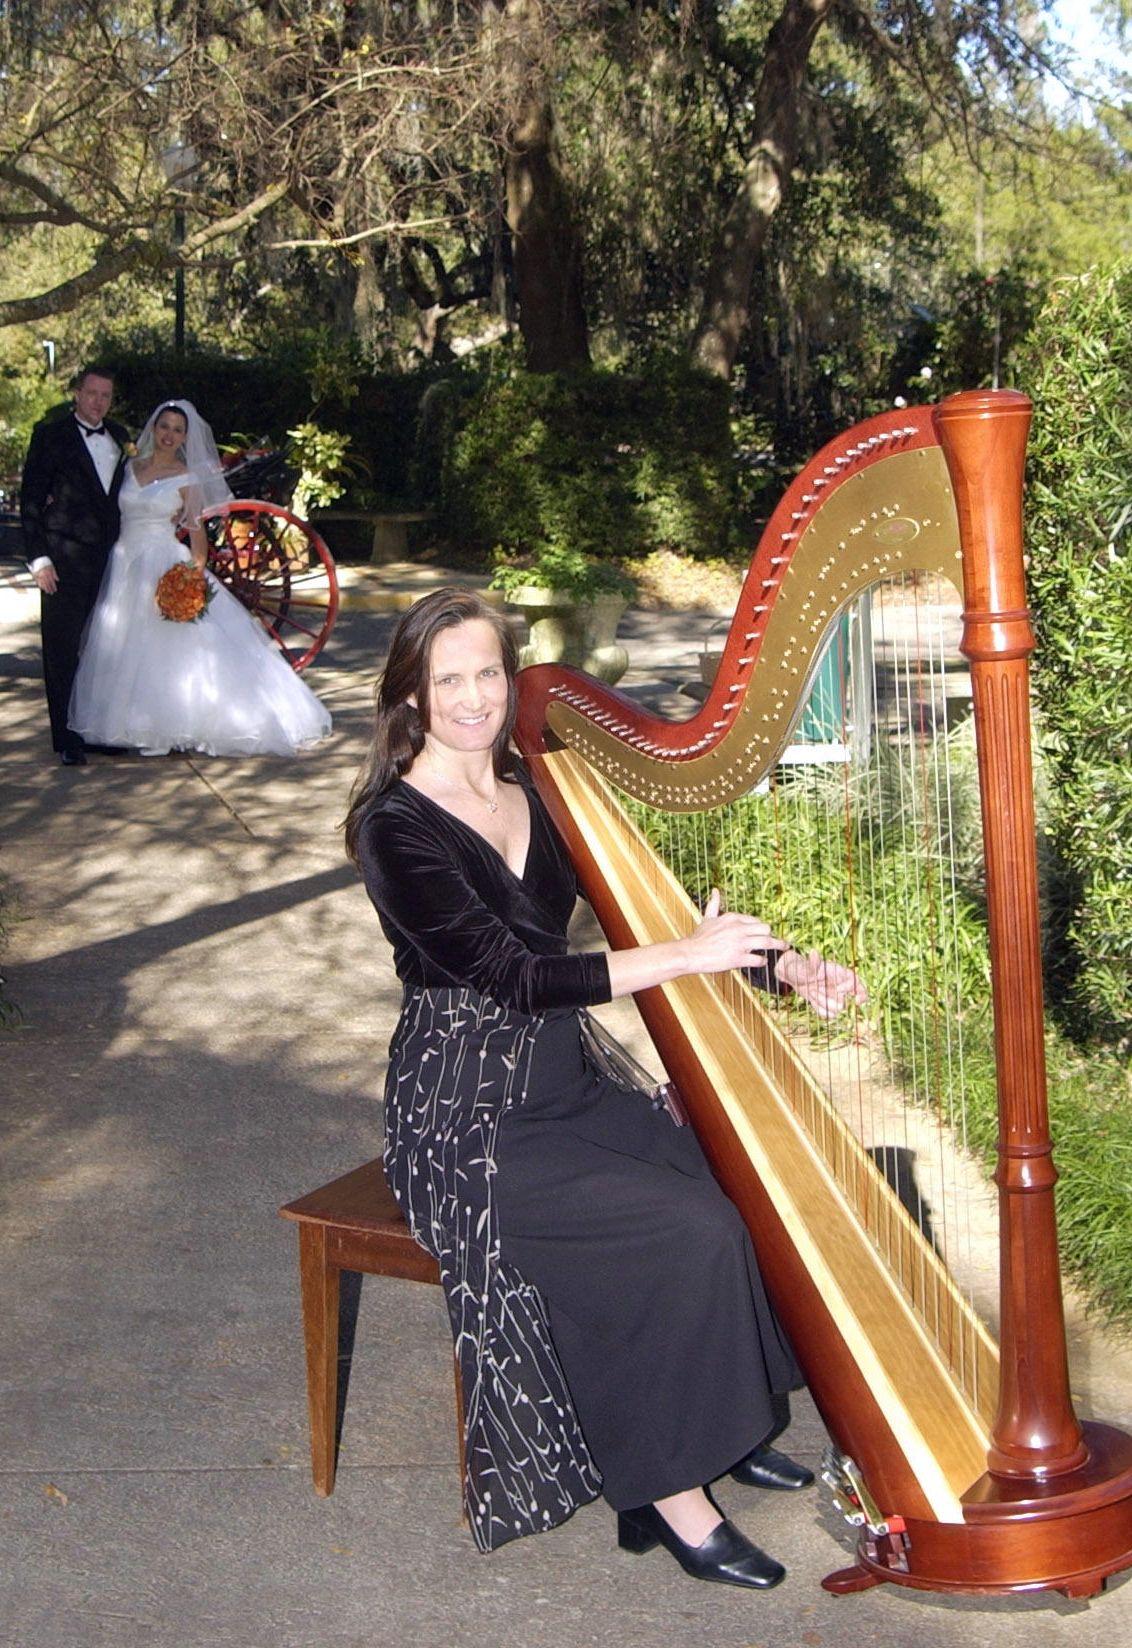 This wedding photo was taken just outside the White Garden at Leu Gardens in Orlando, FL  #leugardens #garden #wedding #harpist #bride